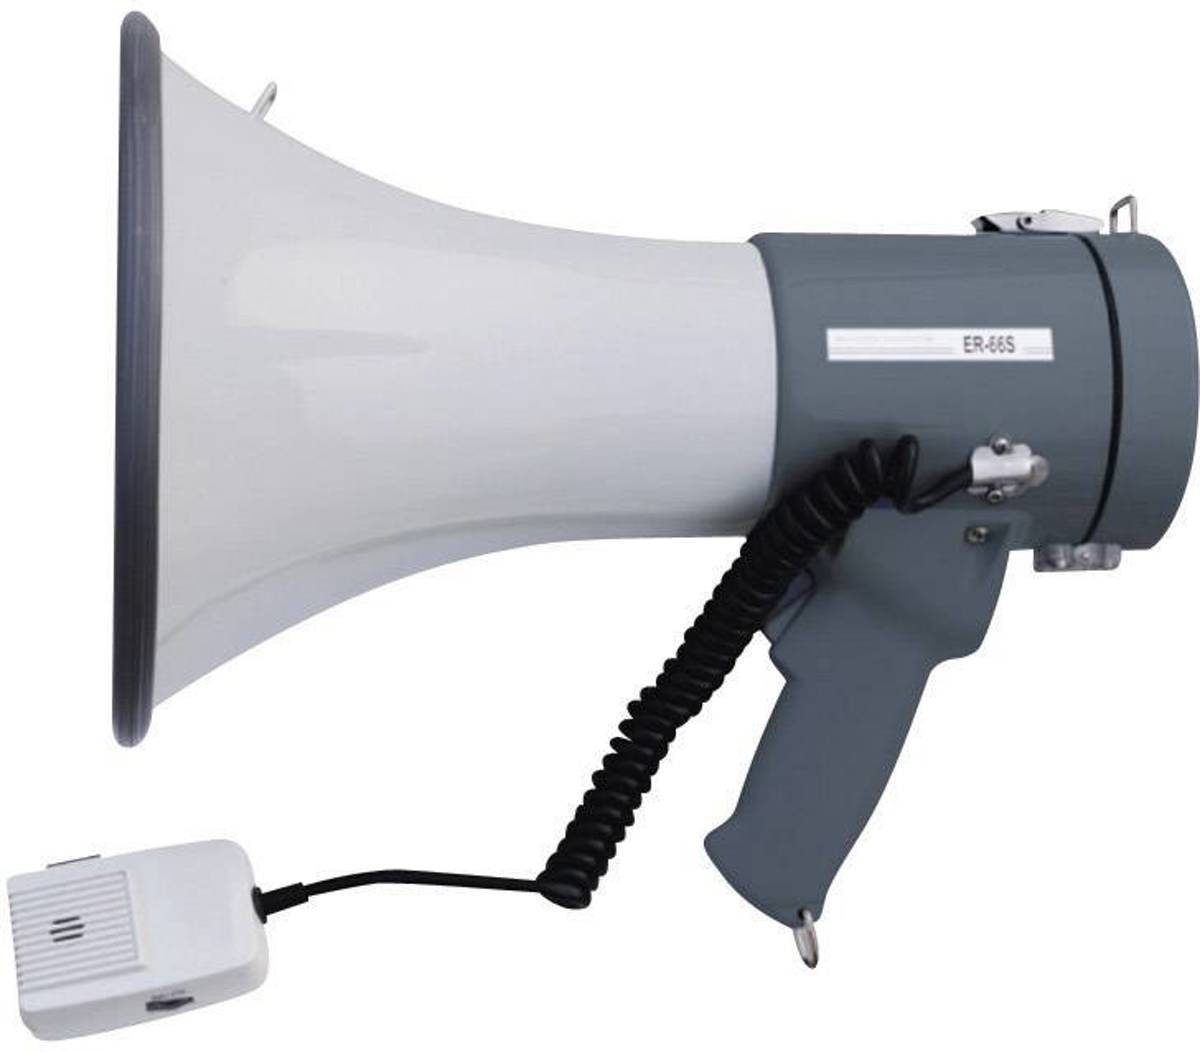 SpeaKa Professional ER-66S Megafoon Met handmicrofoon, Met draagriem, Met geluiden